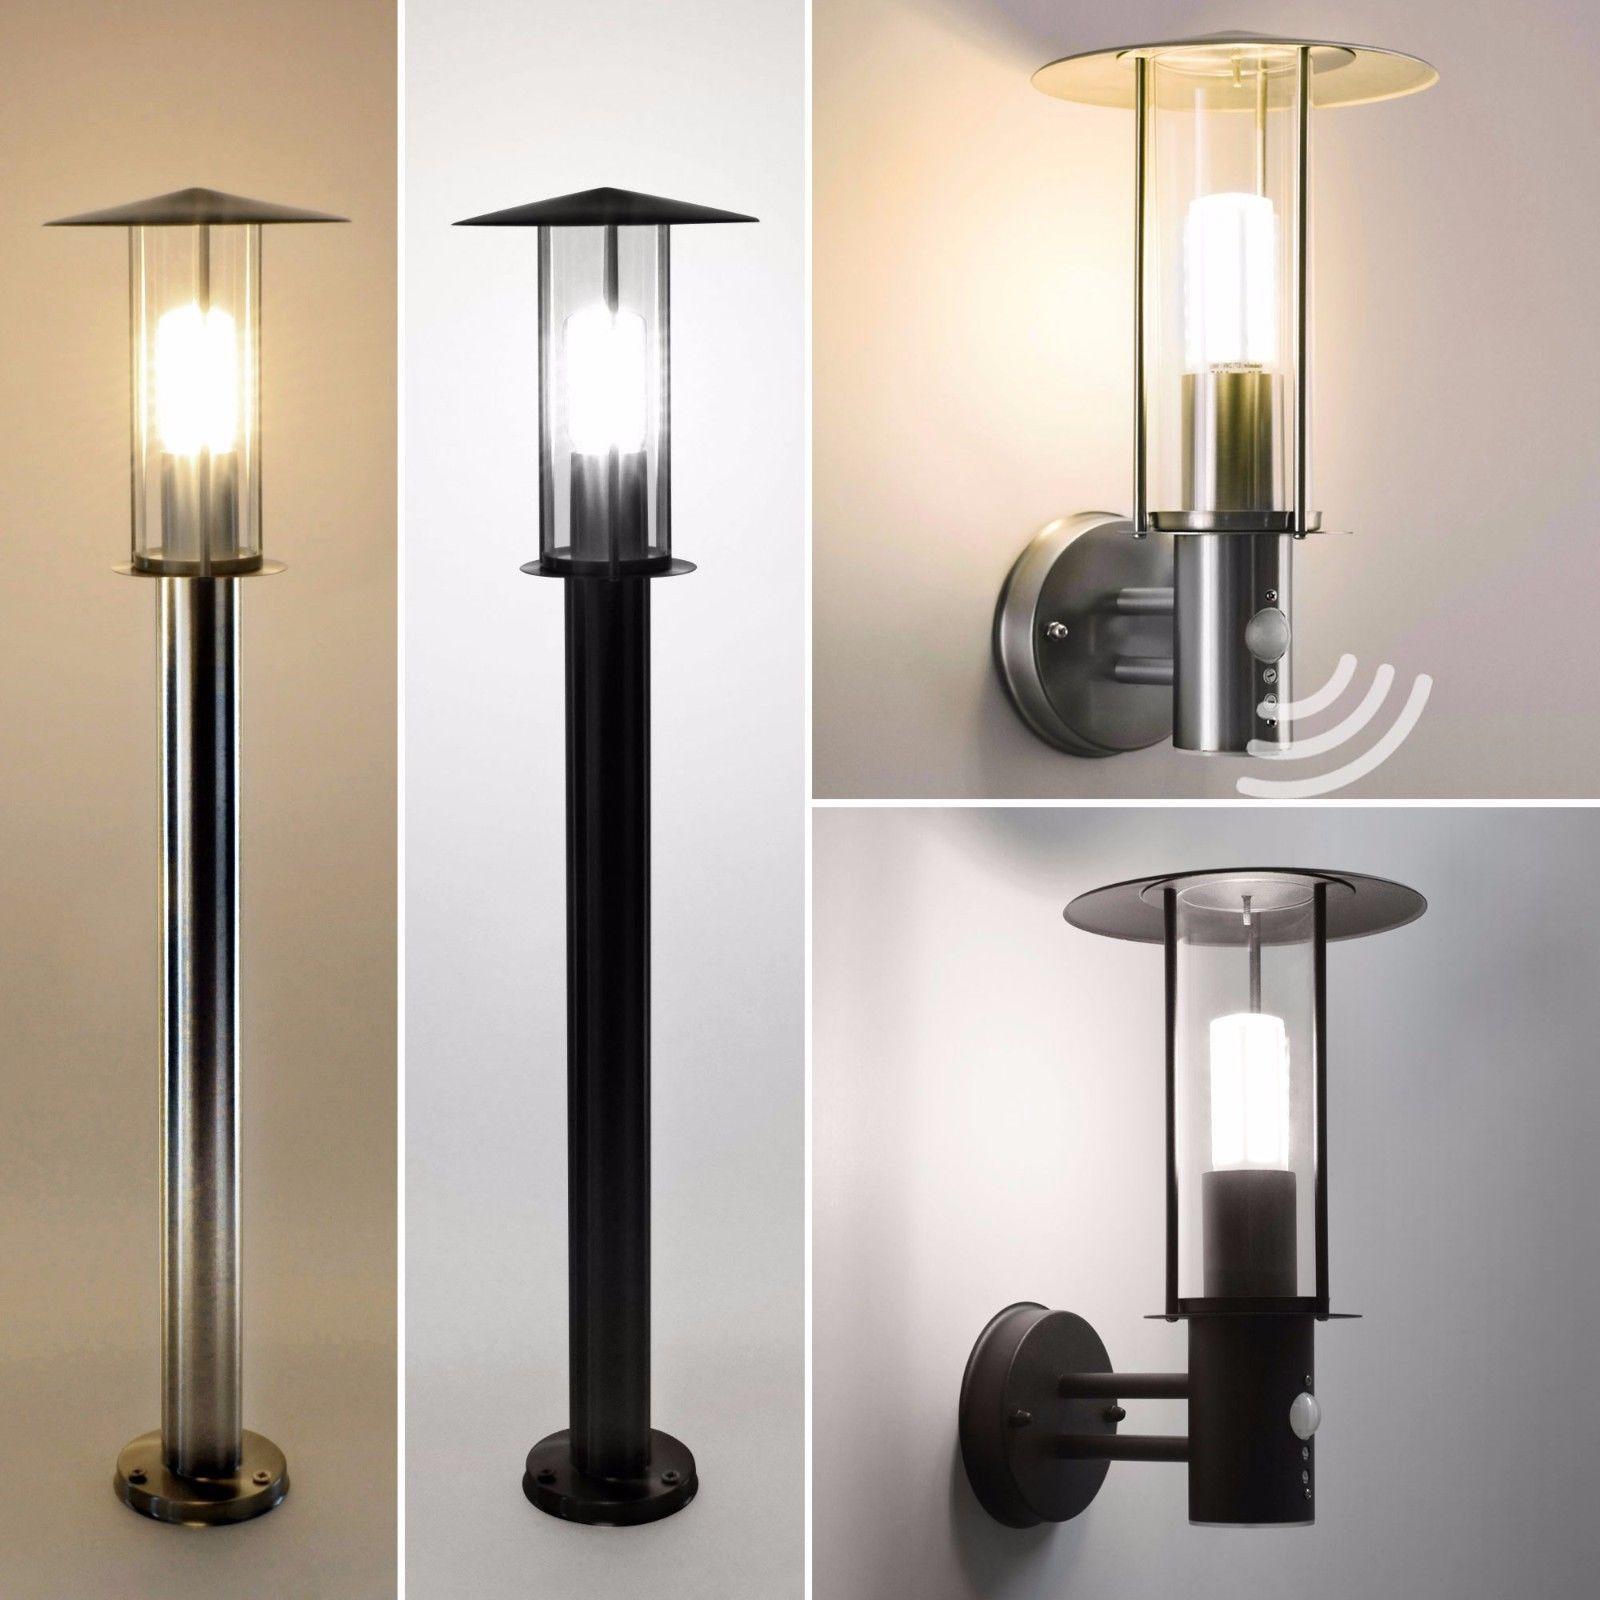 Außenlampe E27 Außenleuchte Standleuchte Wandleuchte Wegeleuchte Wandlampe 249